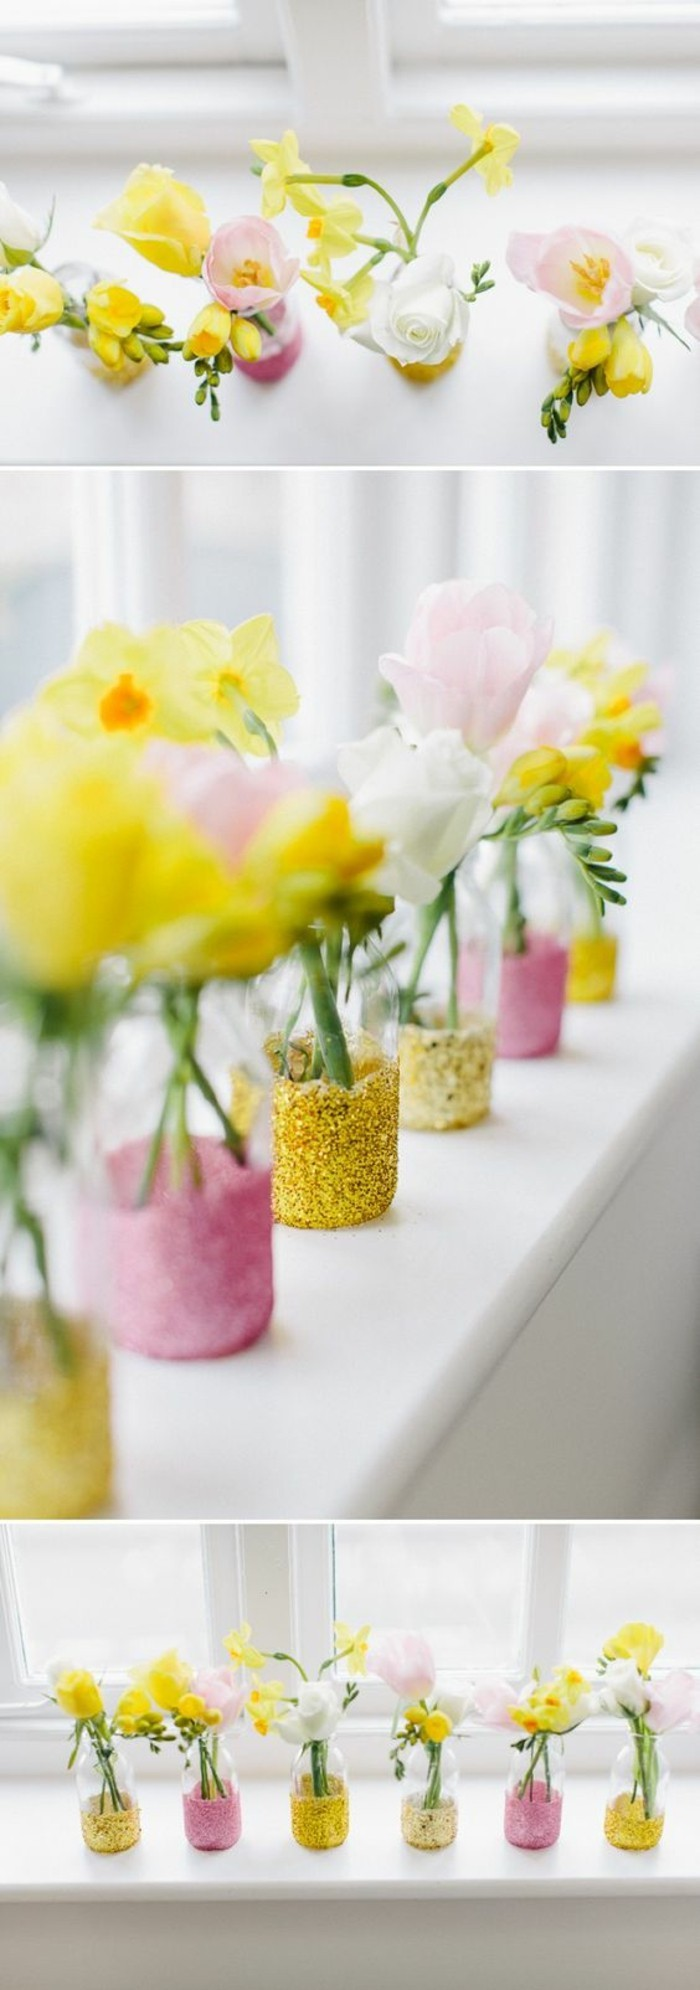 Petit Centre De Table A Faire Soi Meme nos suggestions pour réaliser un vase soliflore original et